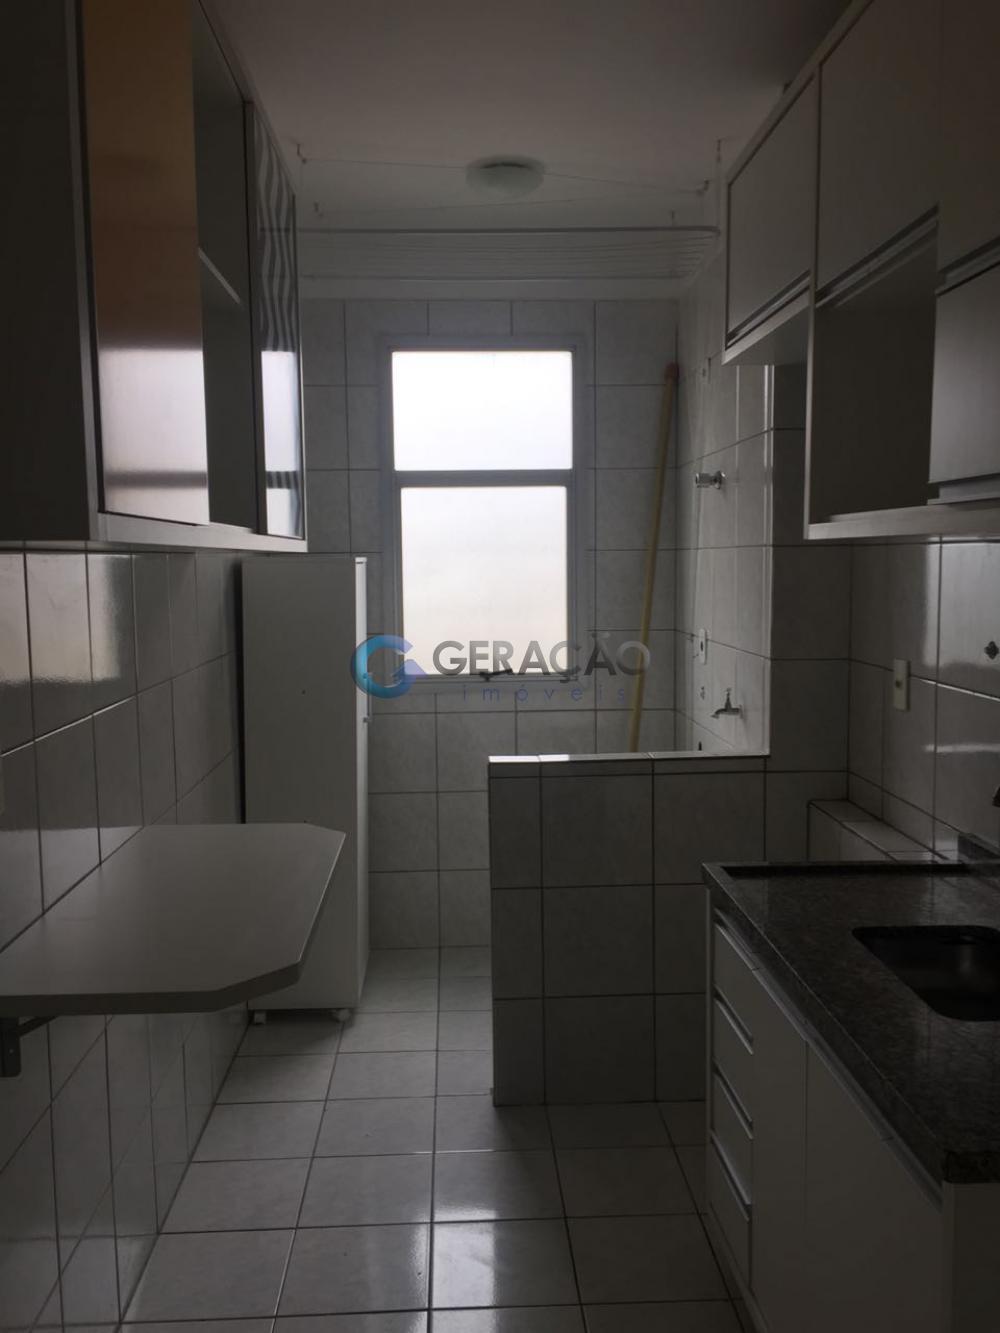 Alugar Apartamento / Padrão em São José dos Campos R$ 600,00 - Foto 14